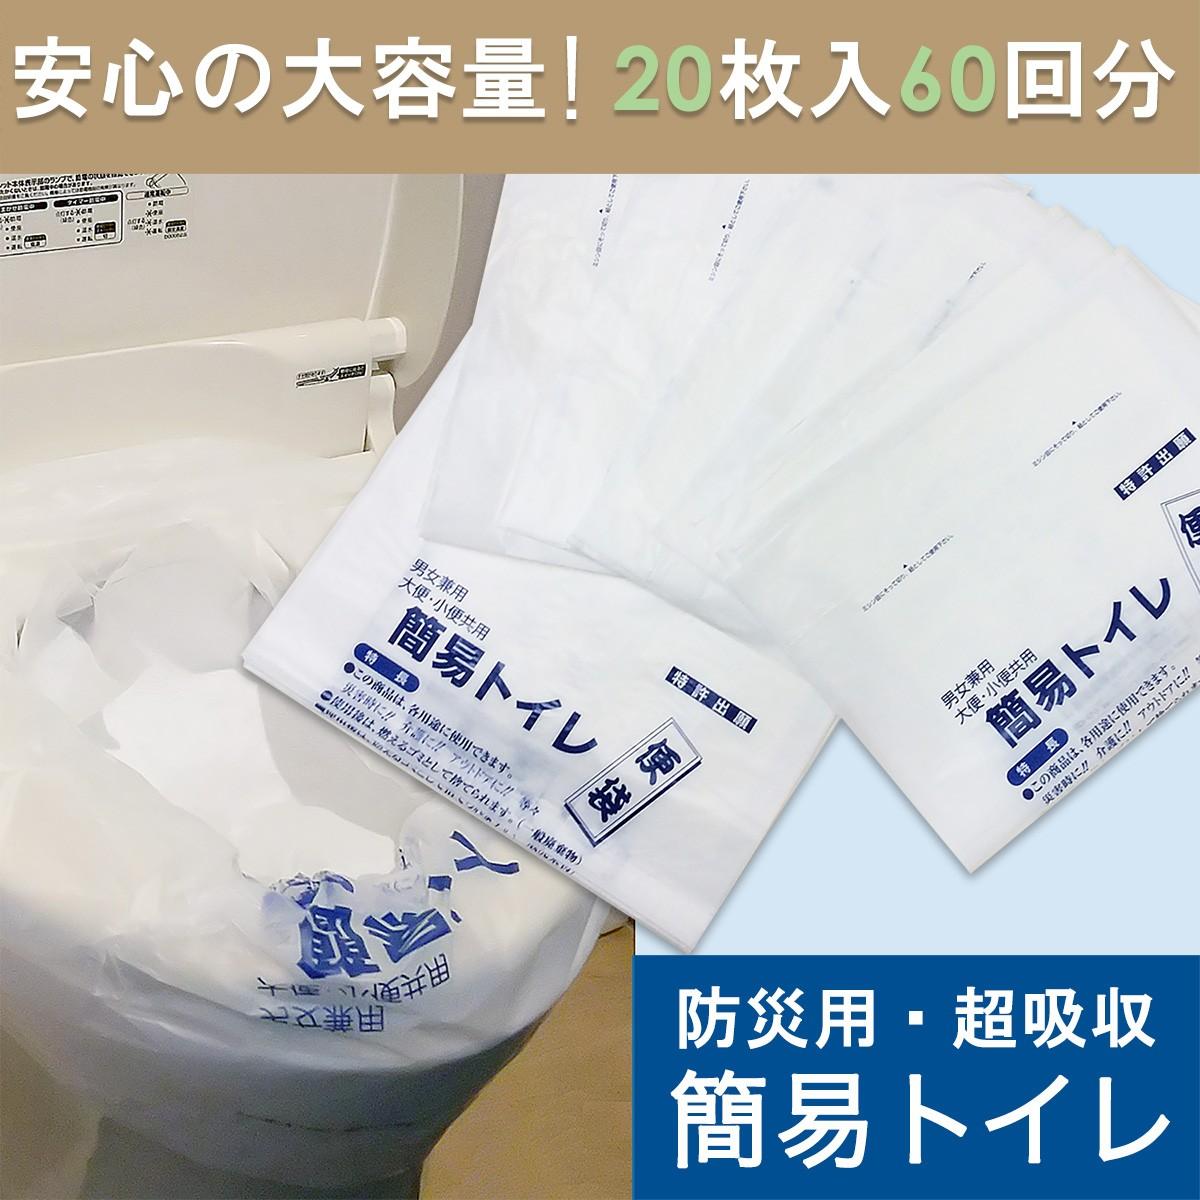 簡易トイレ 60回分 凝固剤入りシート+処理袋付 20枚組‐非常用トイレ 防災トイレ